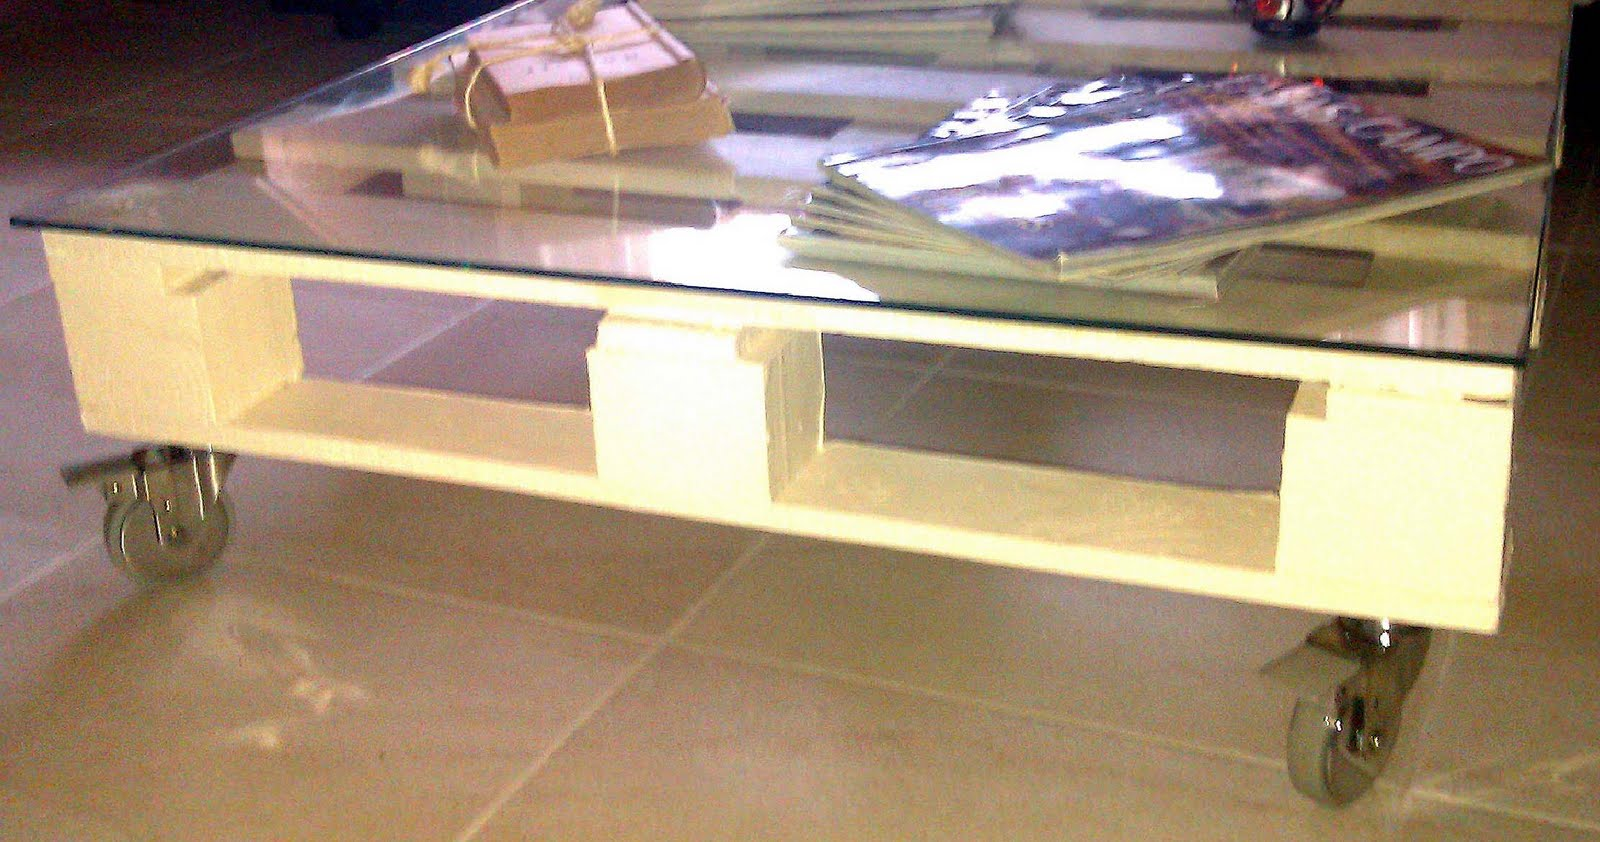 Fabricar muebles con palets de madera construccion y - Muebles hechos con palets de madera ...